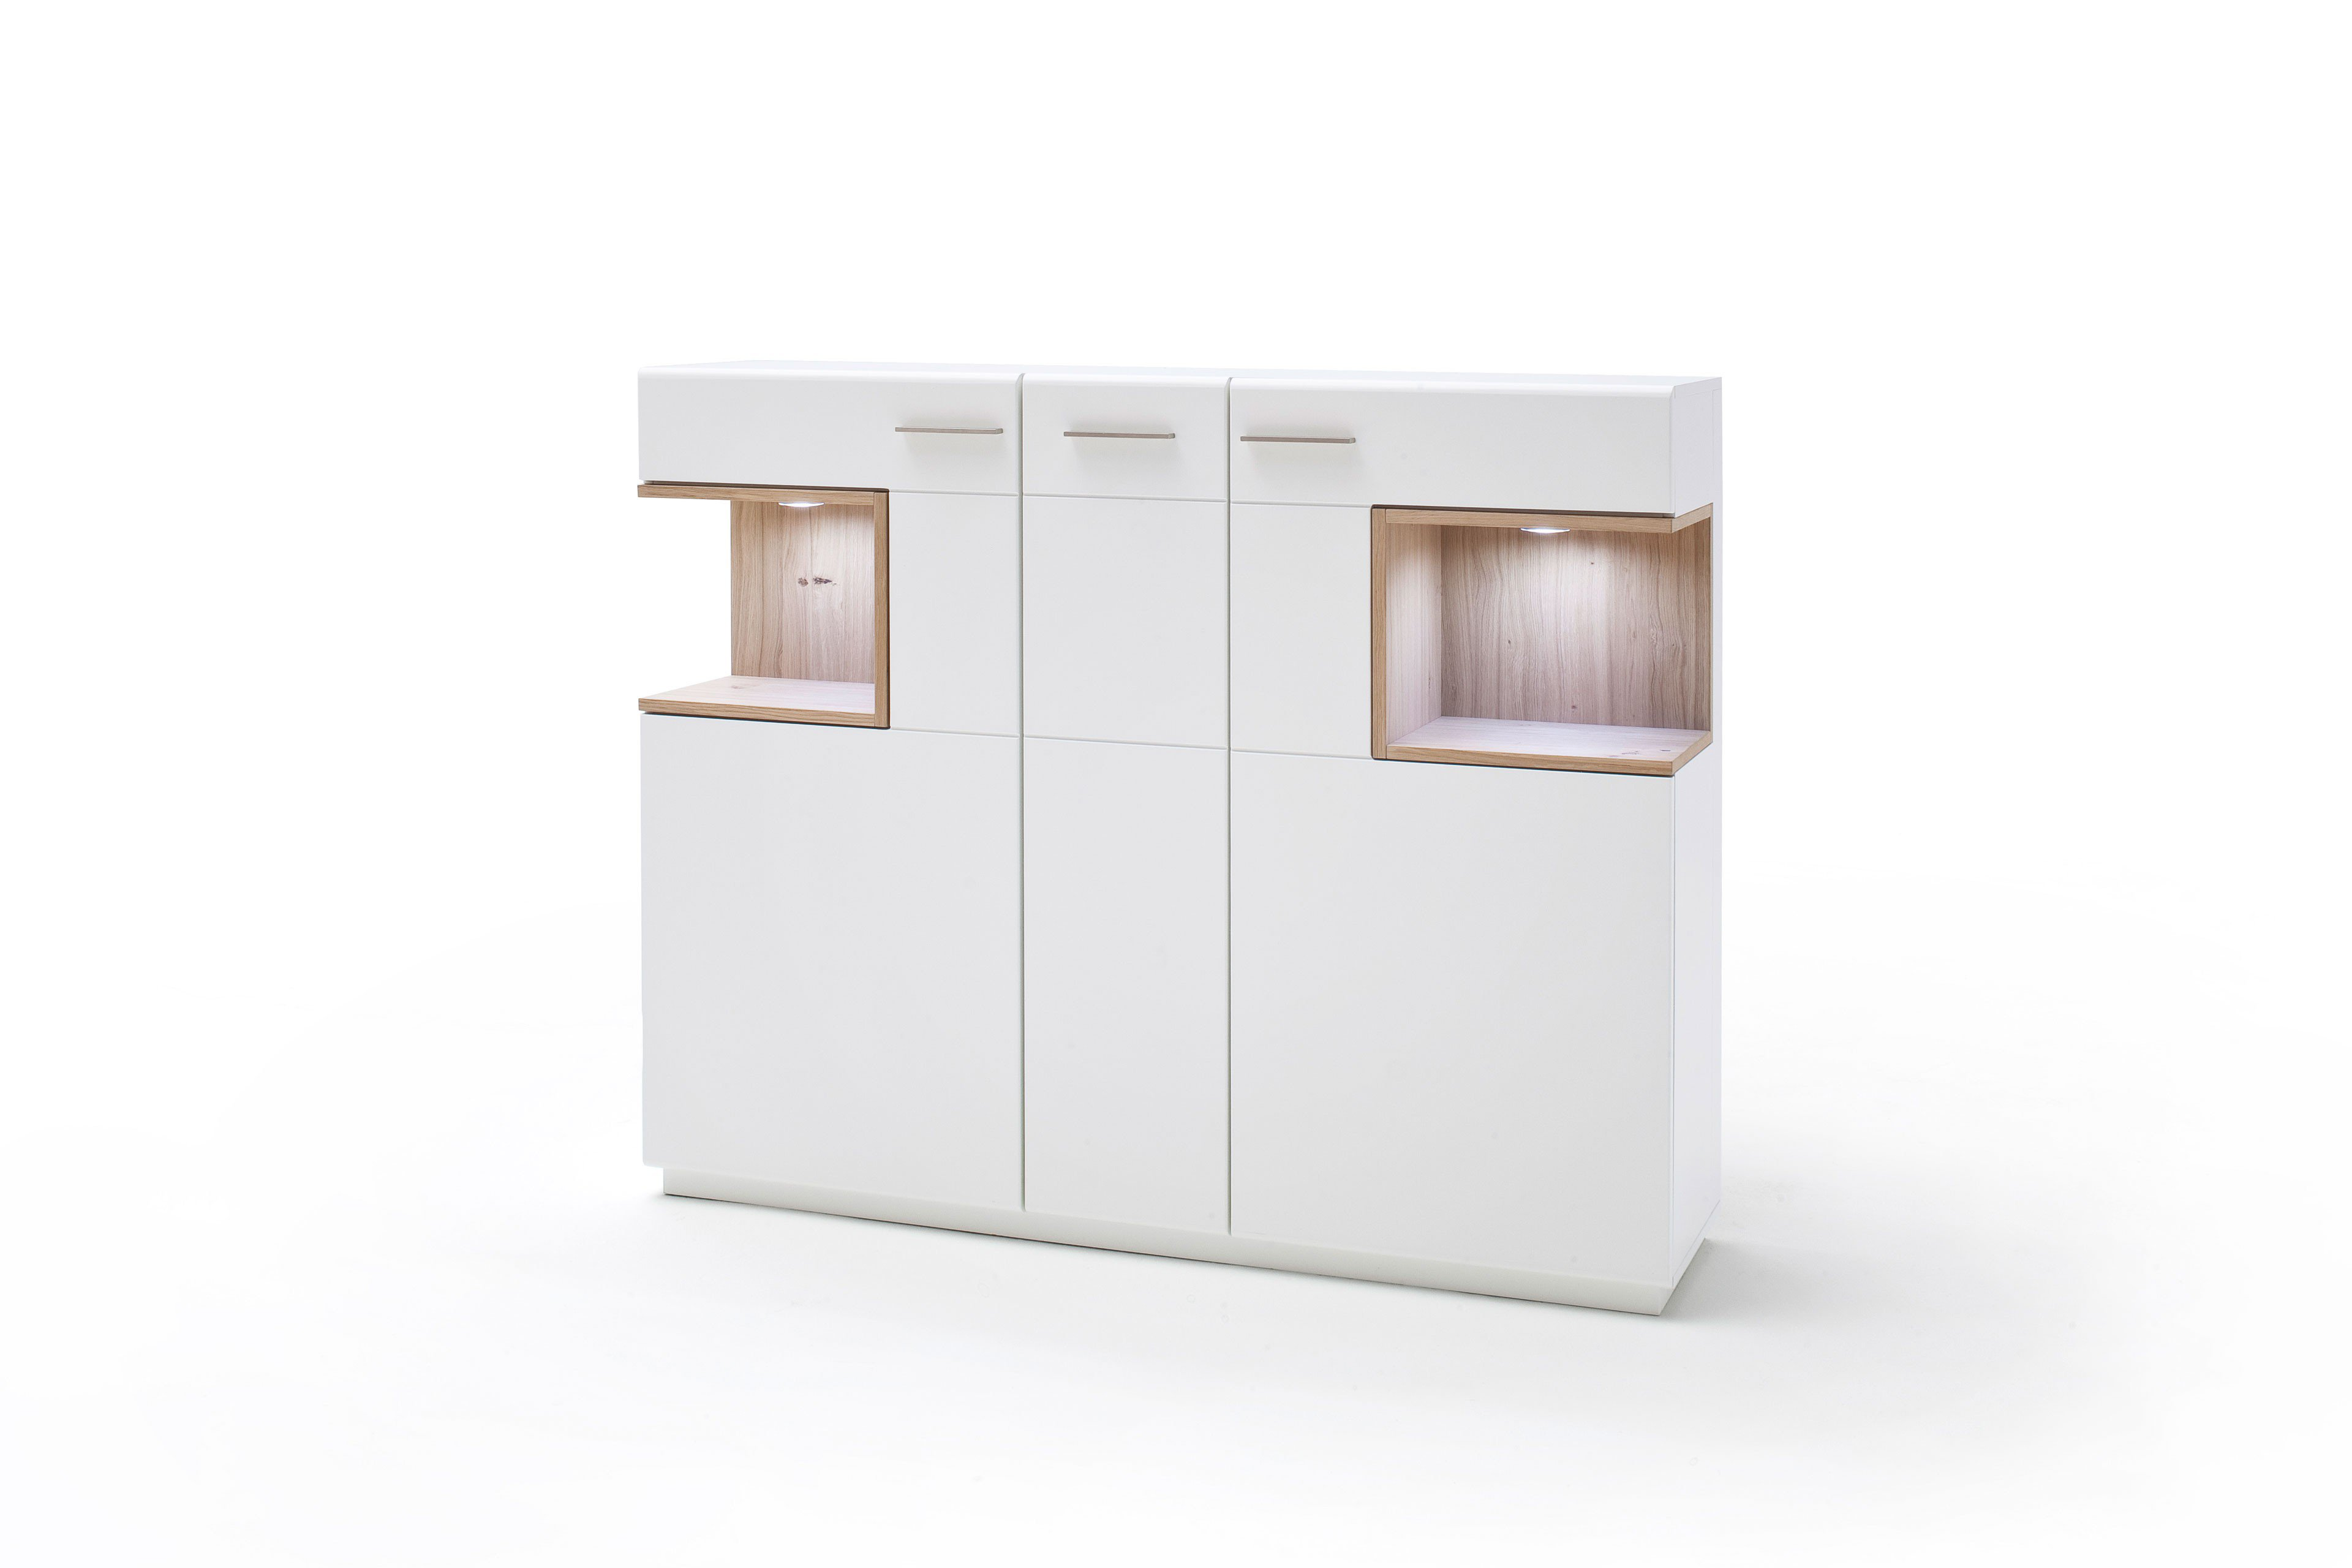 mca highboard cesina wei matt lackiert asteiche m bel letz ihr online shop. Black Bedroom Furniture Sets. Home Design Ideas